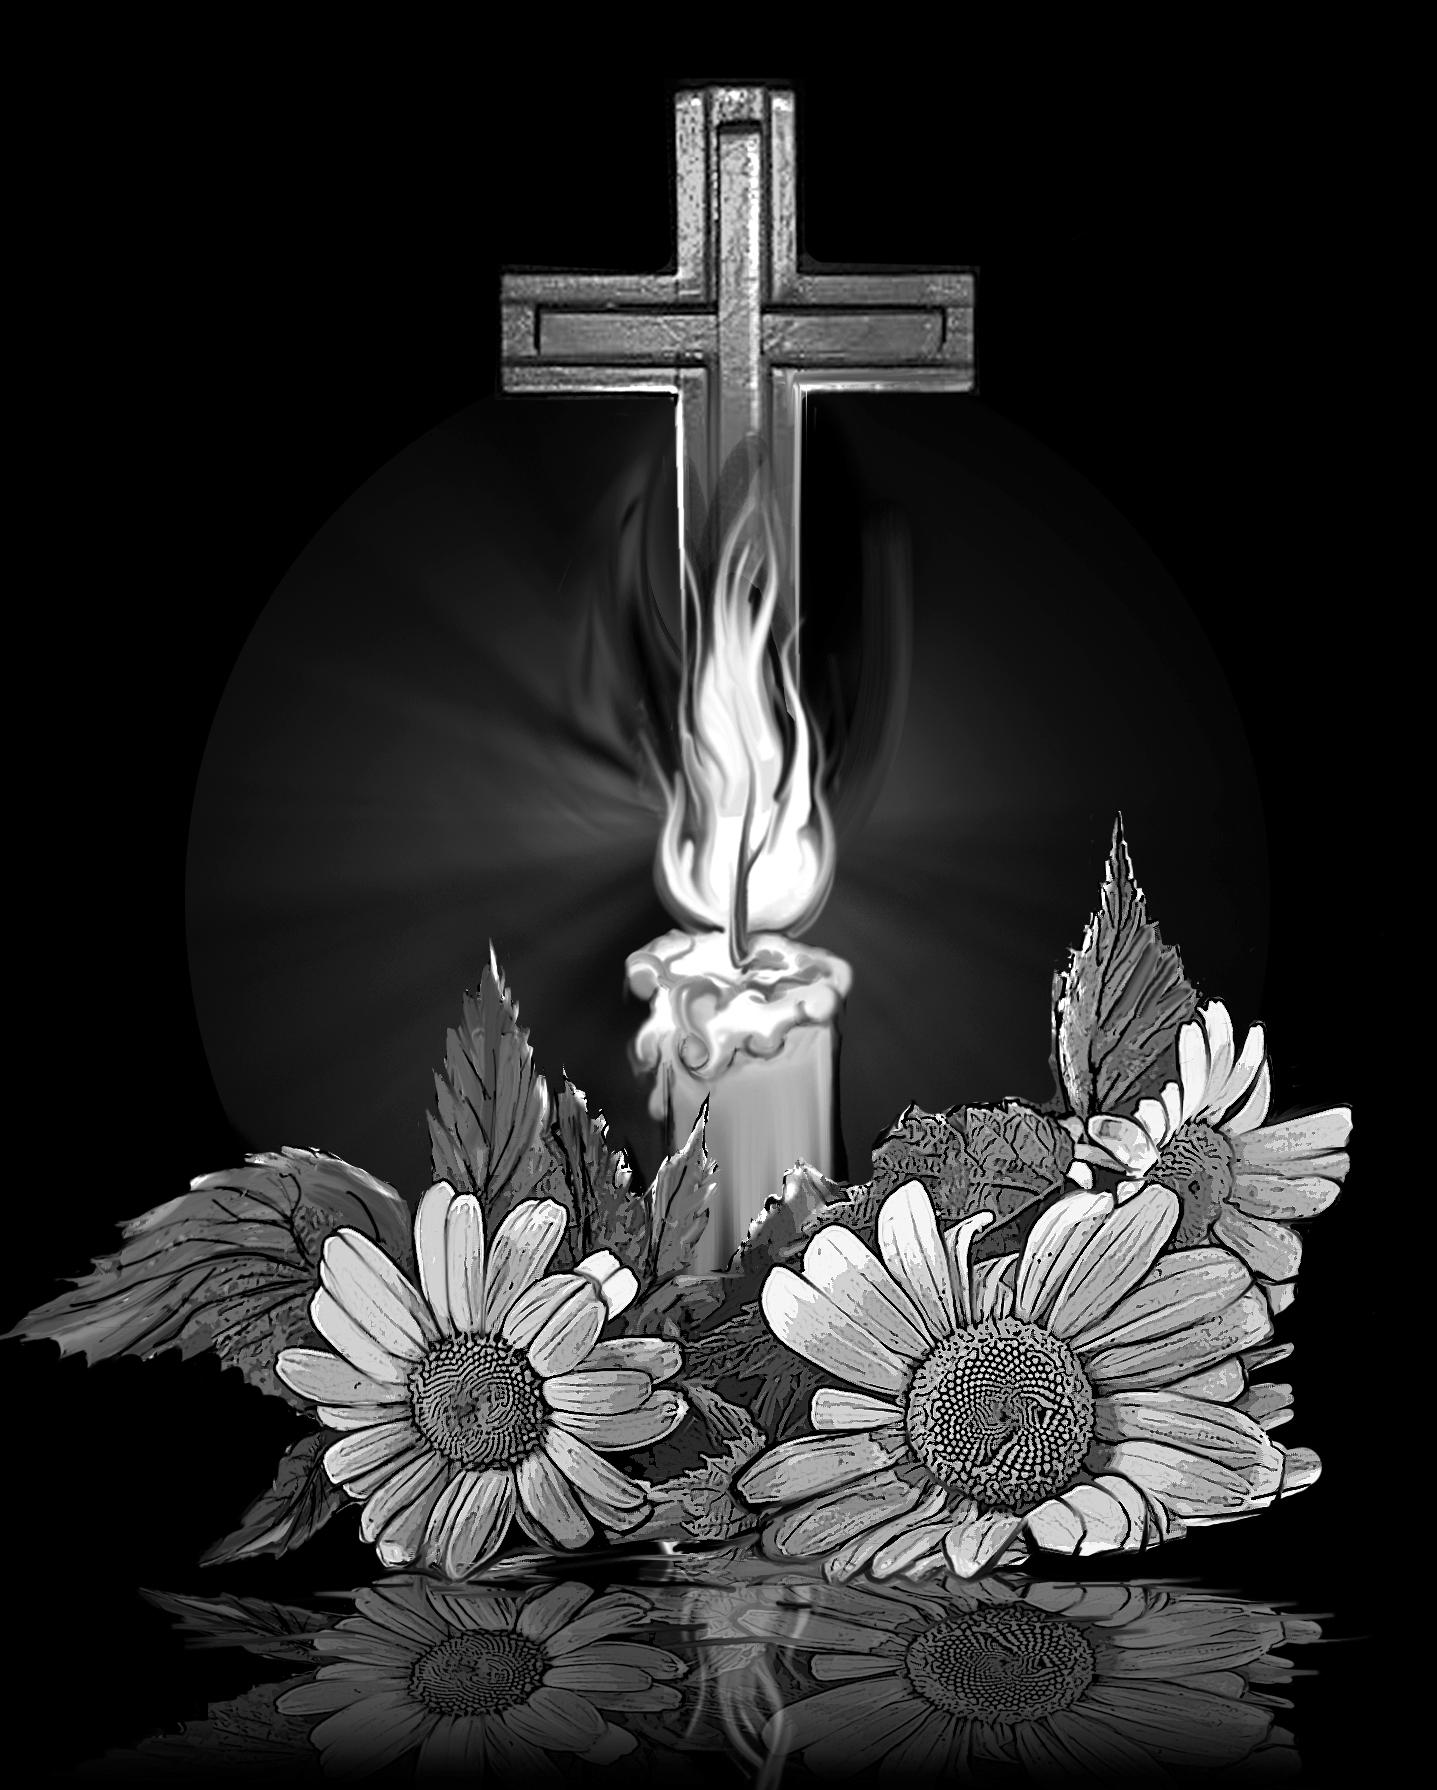 картинки цветов и свечей на надгробии конечно вам, дорогие